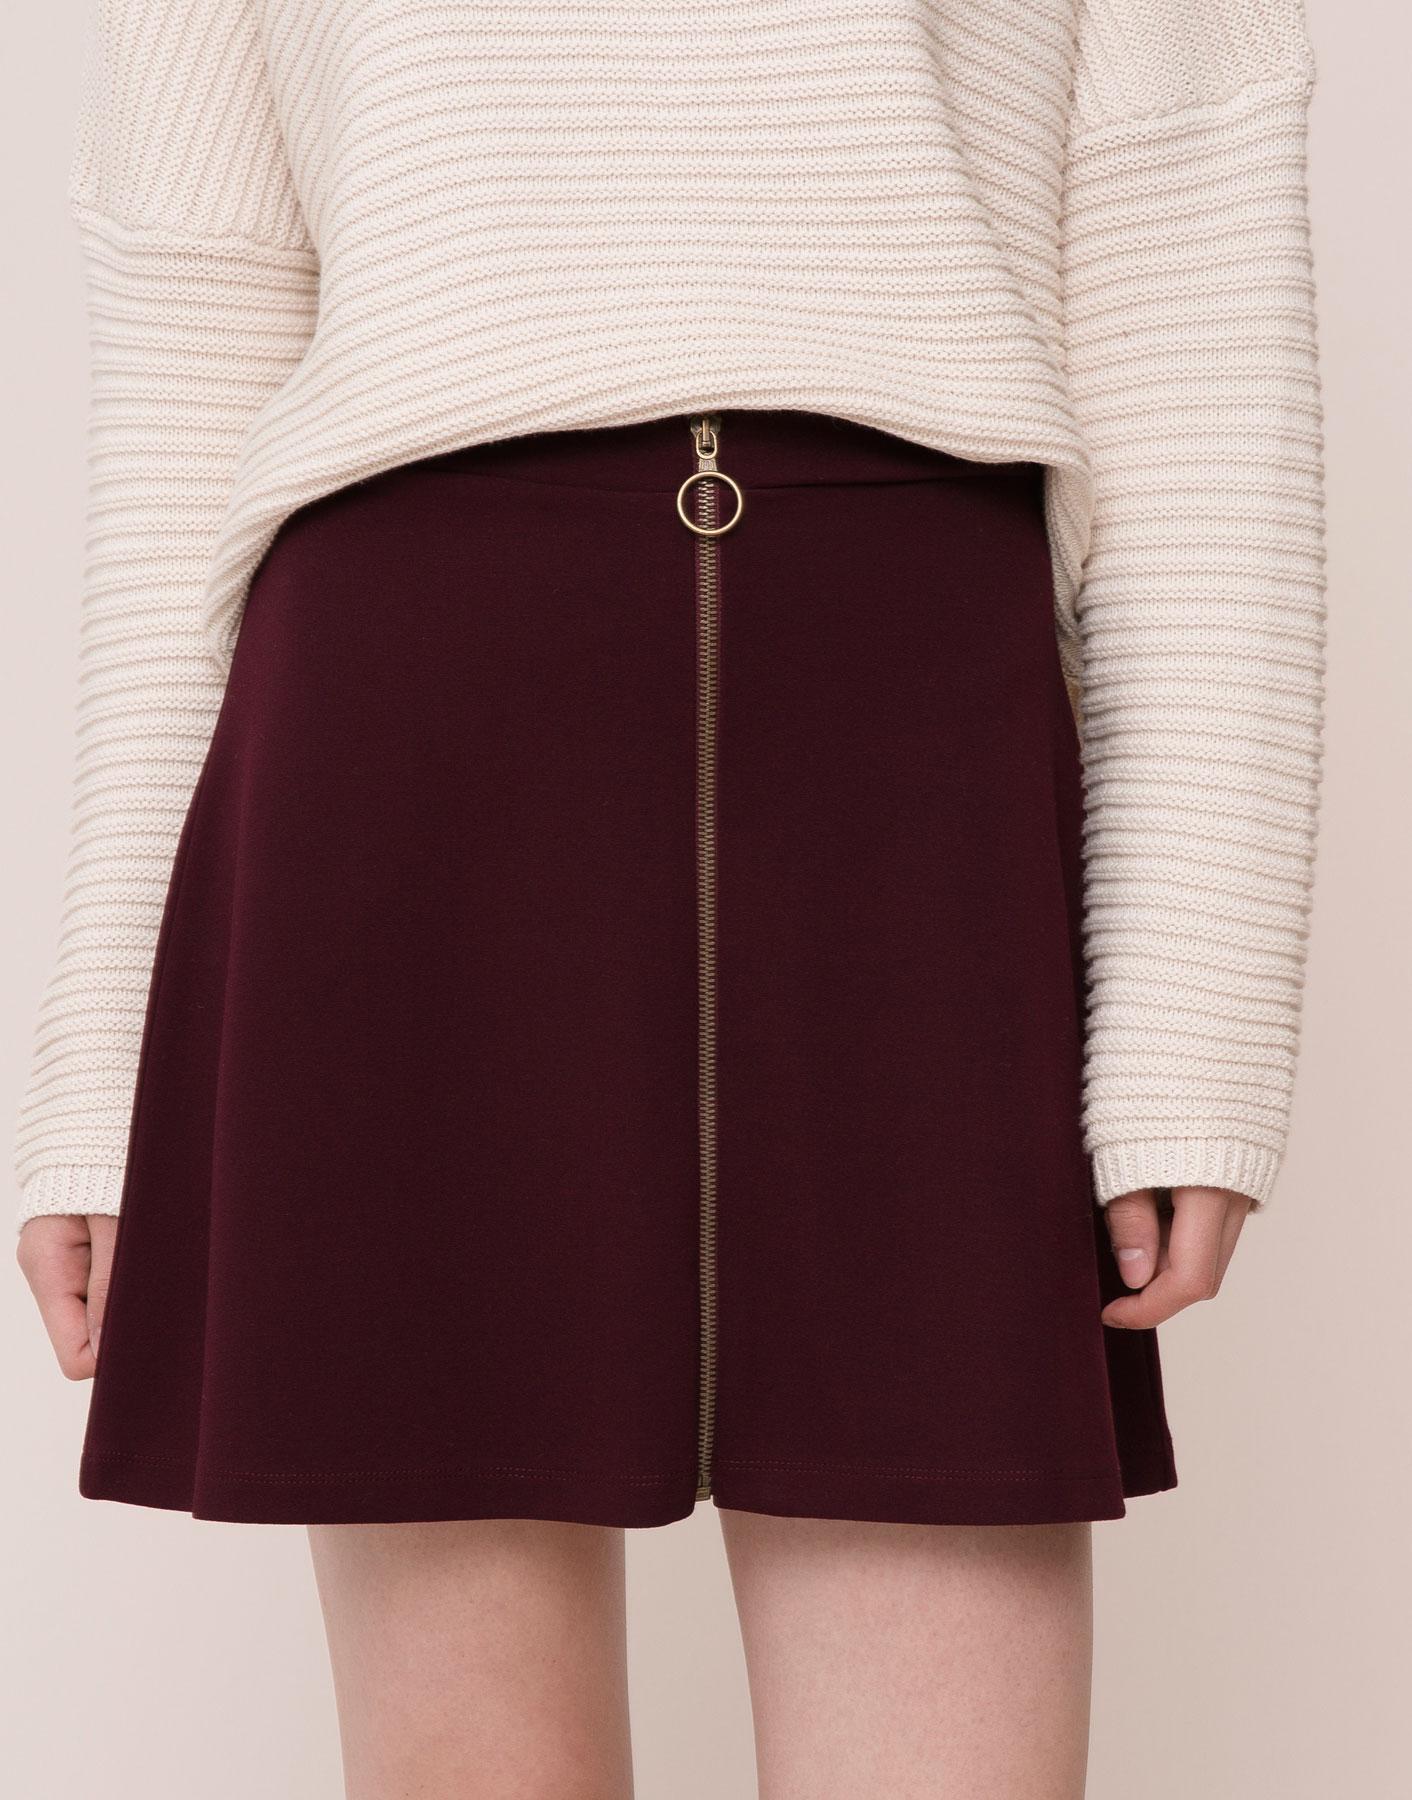 拉鍊式的設計,從金色拉環細節出發搭配酒紅色的布料,創造出休閒但是不失女孩兒氣息的短裙設計!